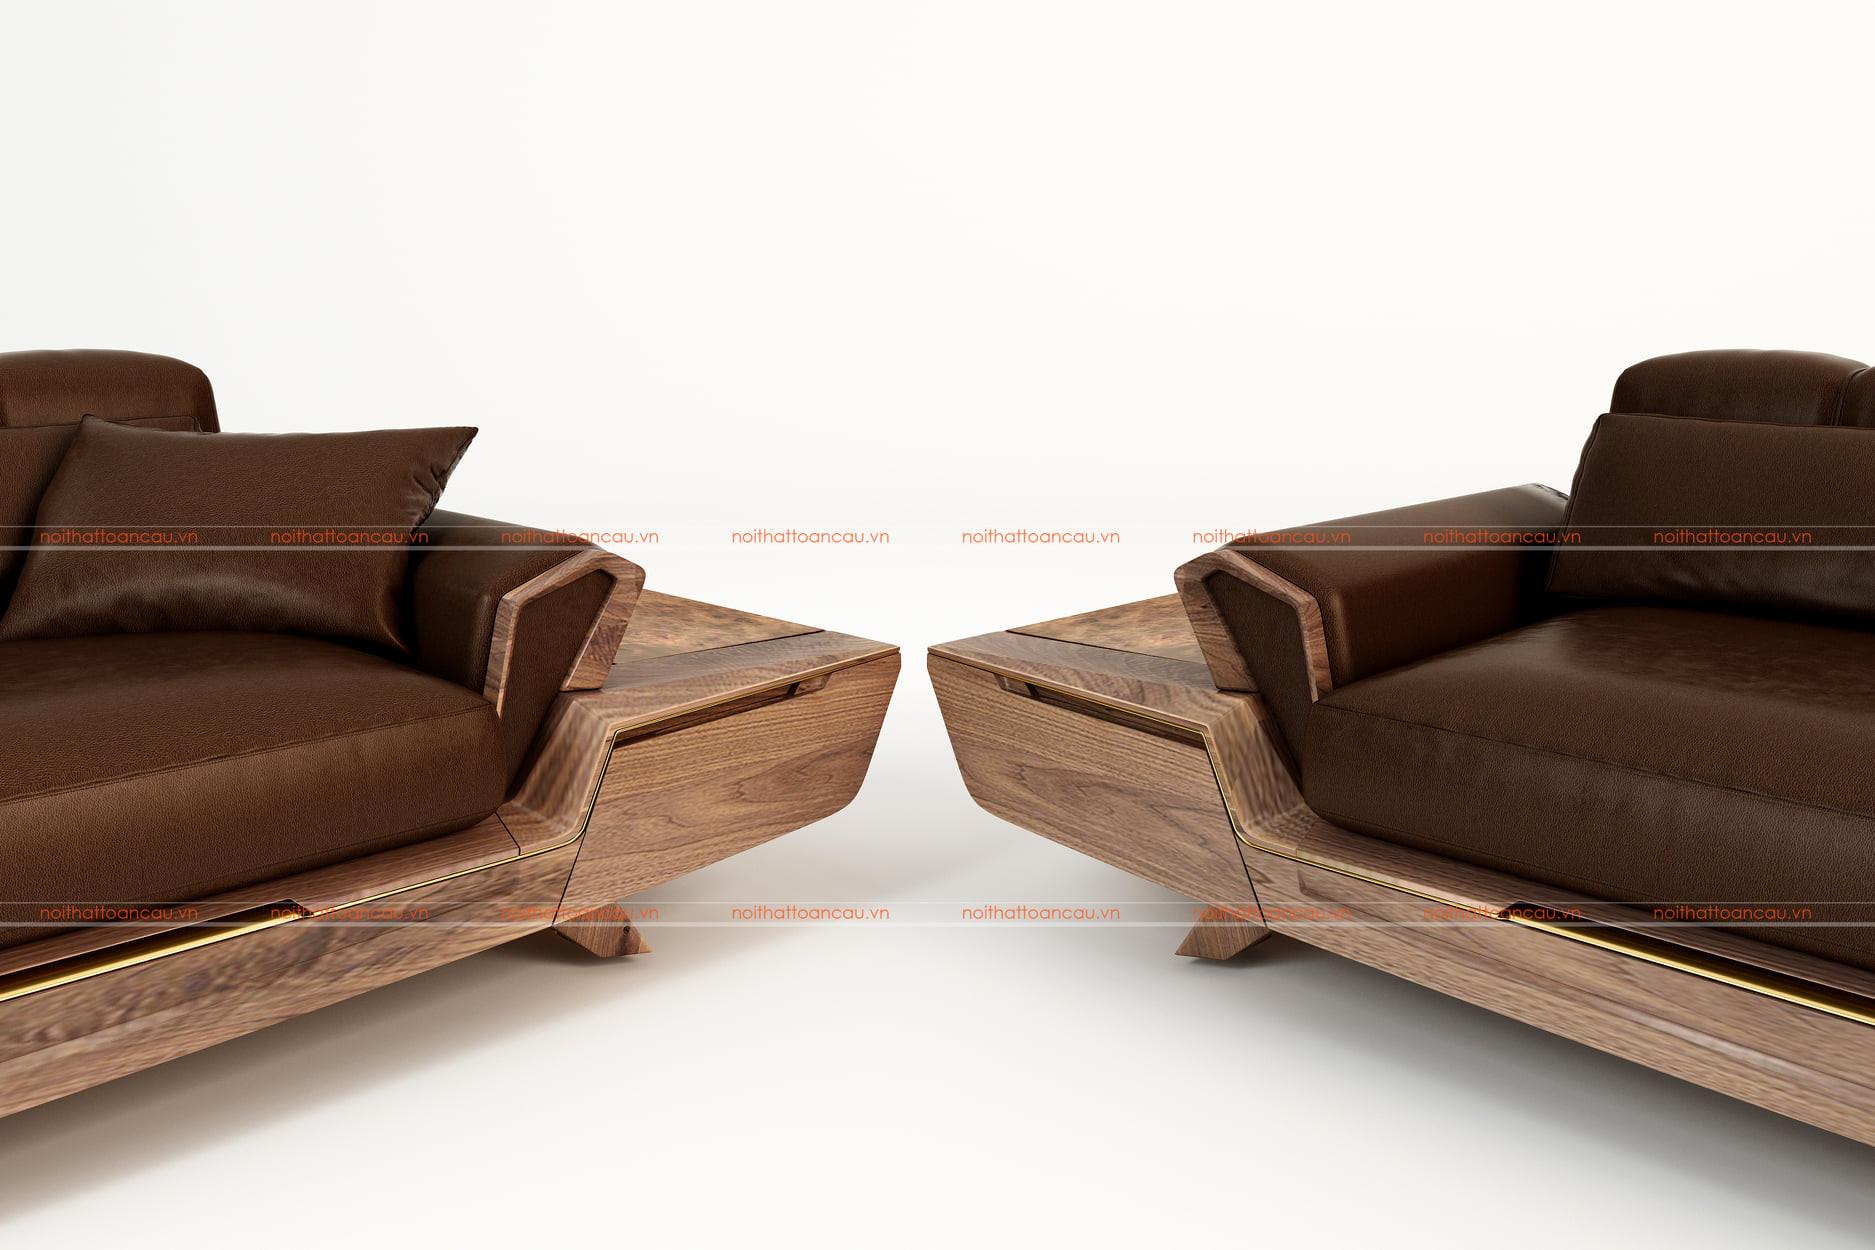 Bộ bàn ghế phòng khách bằng gỗ óc chó tự nhiên - TC146c